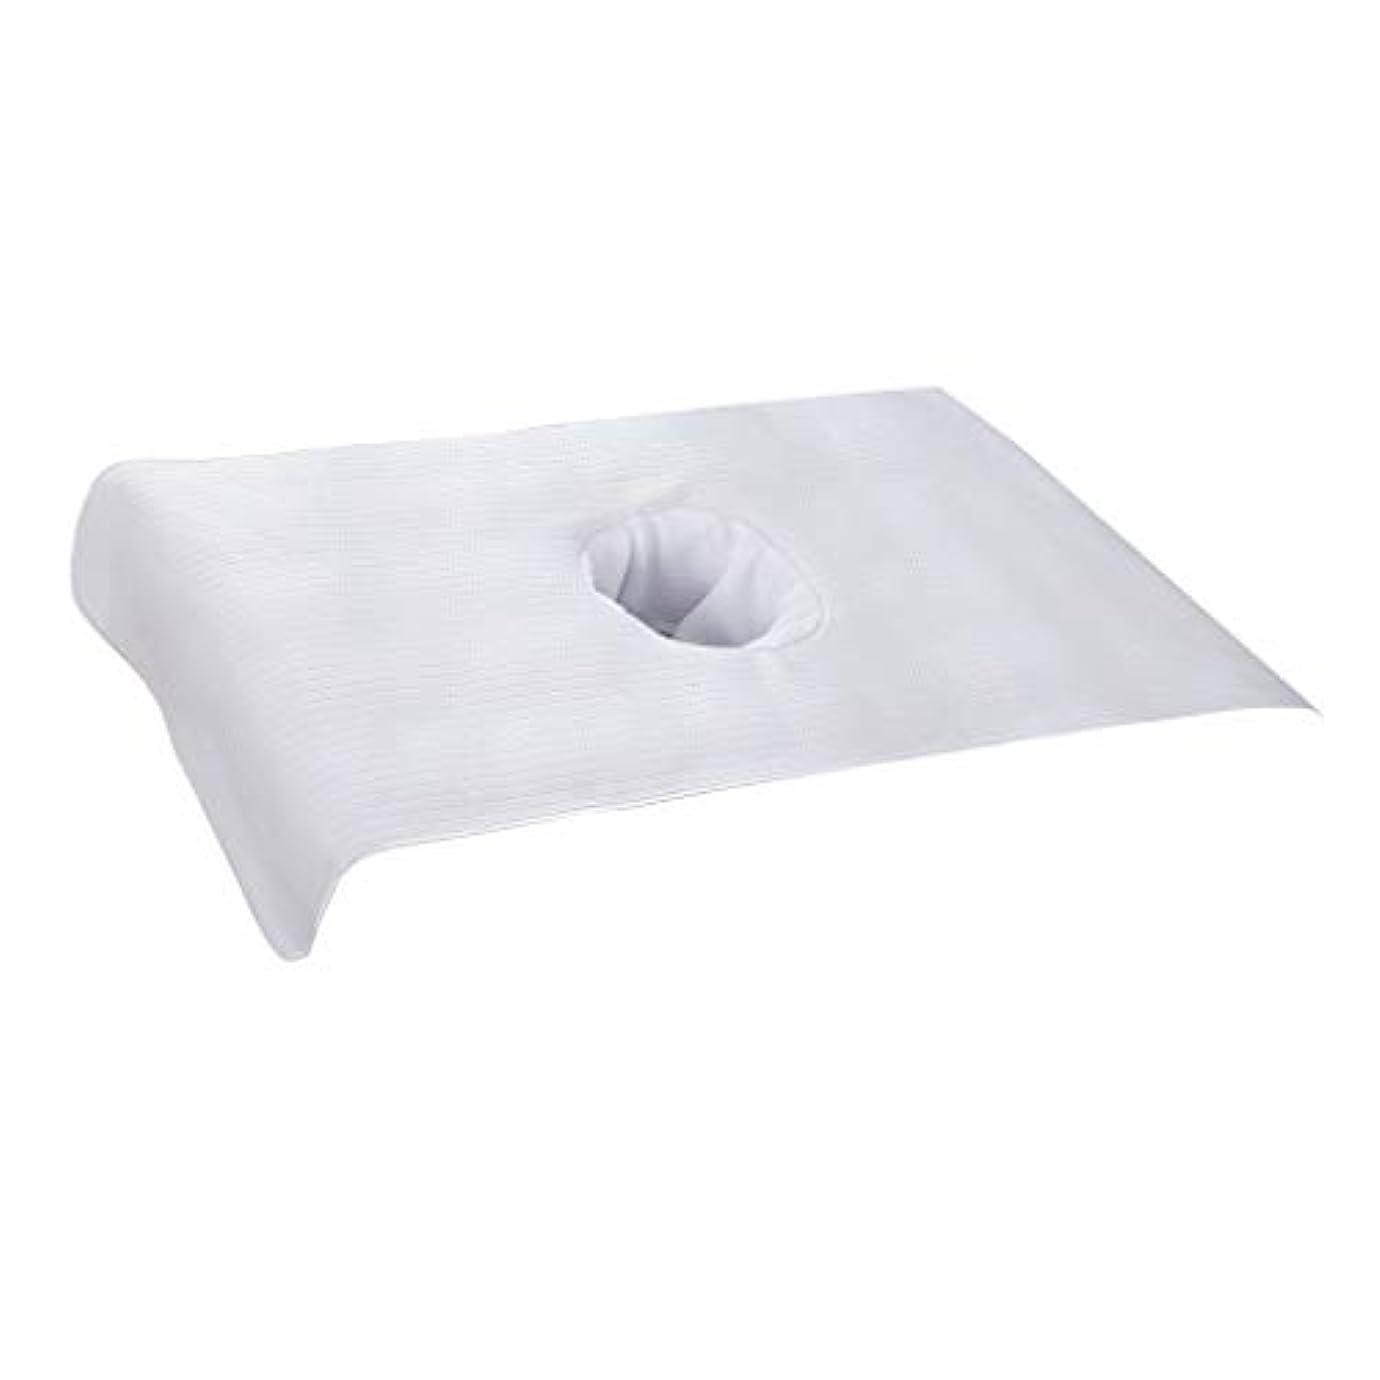 一次倍増軍Fenteer 美容ベッドカバー マッサージベッドカバー 治療シーツ ポリエステル生地 高品質 - 白